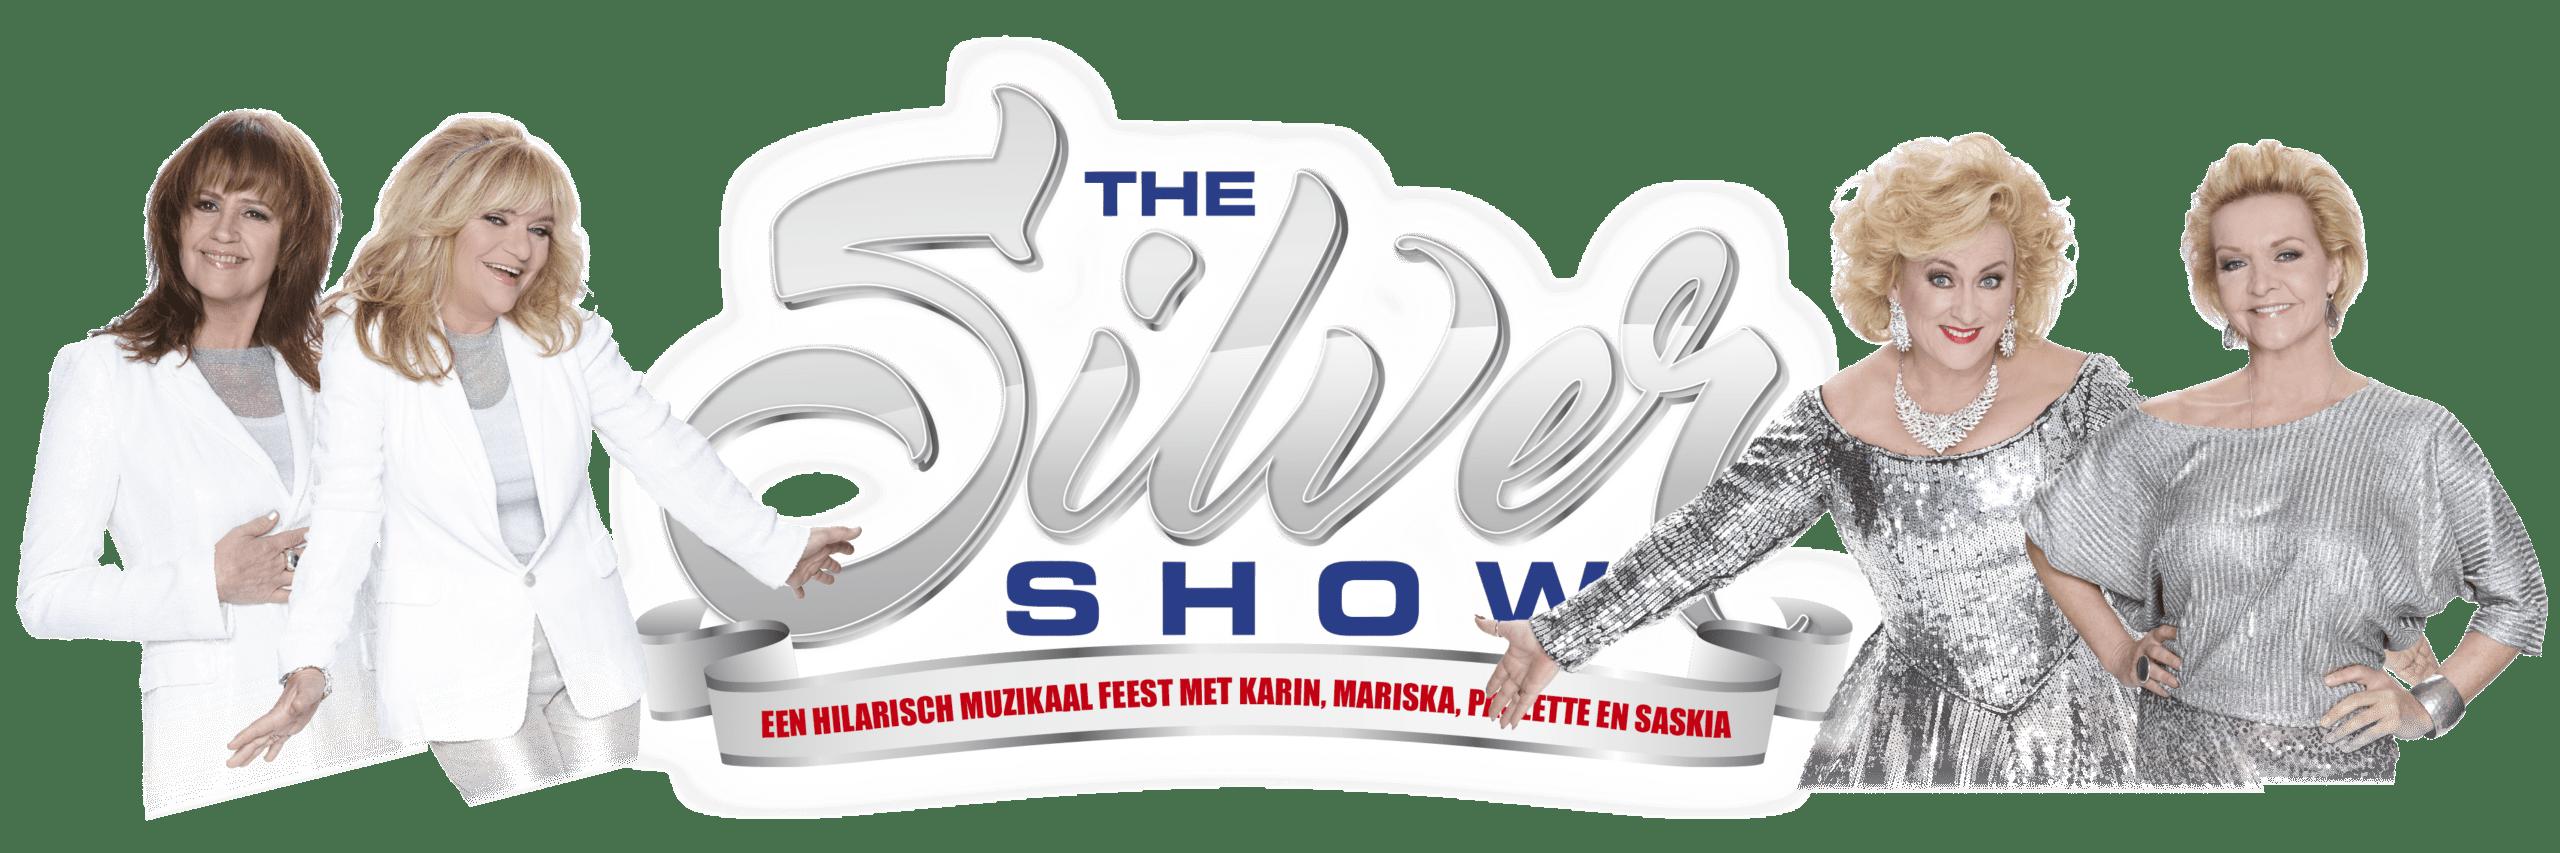 Silver Show au salon 50+beurs